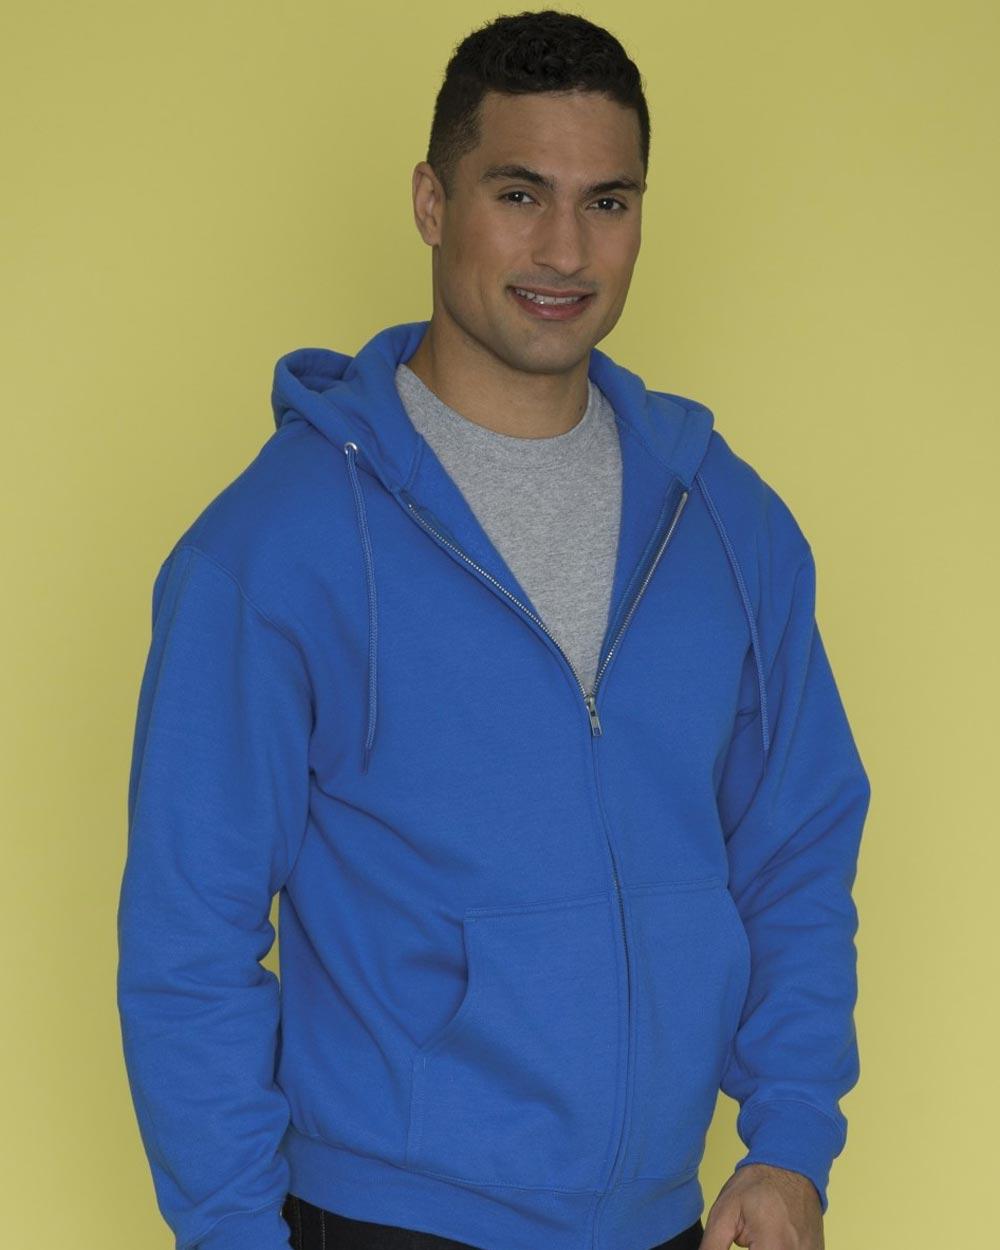 ATC F2600 - Everyday Fleece Full-Zip Hooded Sweatshirt